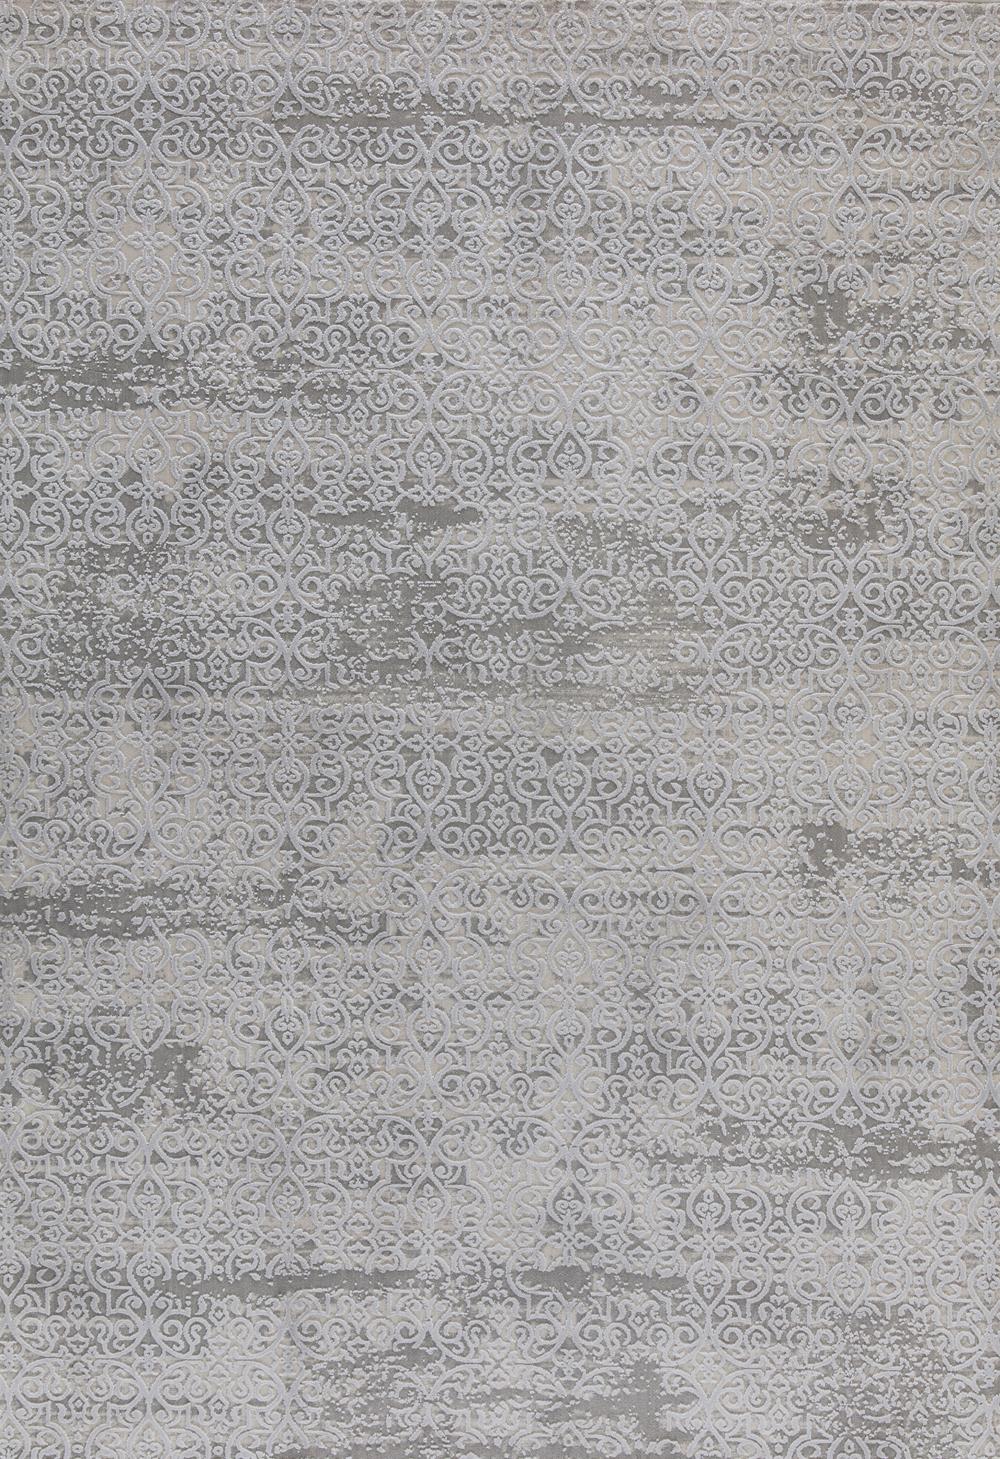 Dynamic TORINO 3312 Grey/Blue Rug